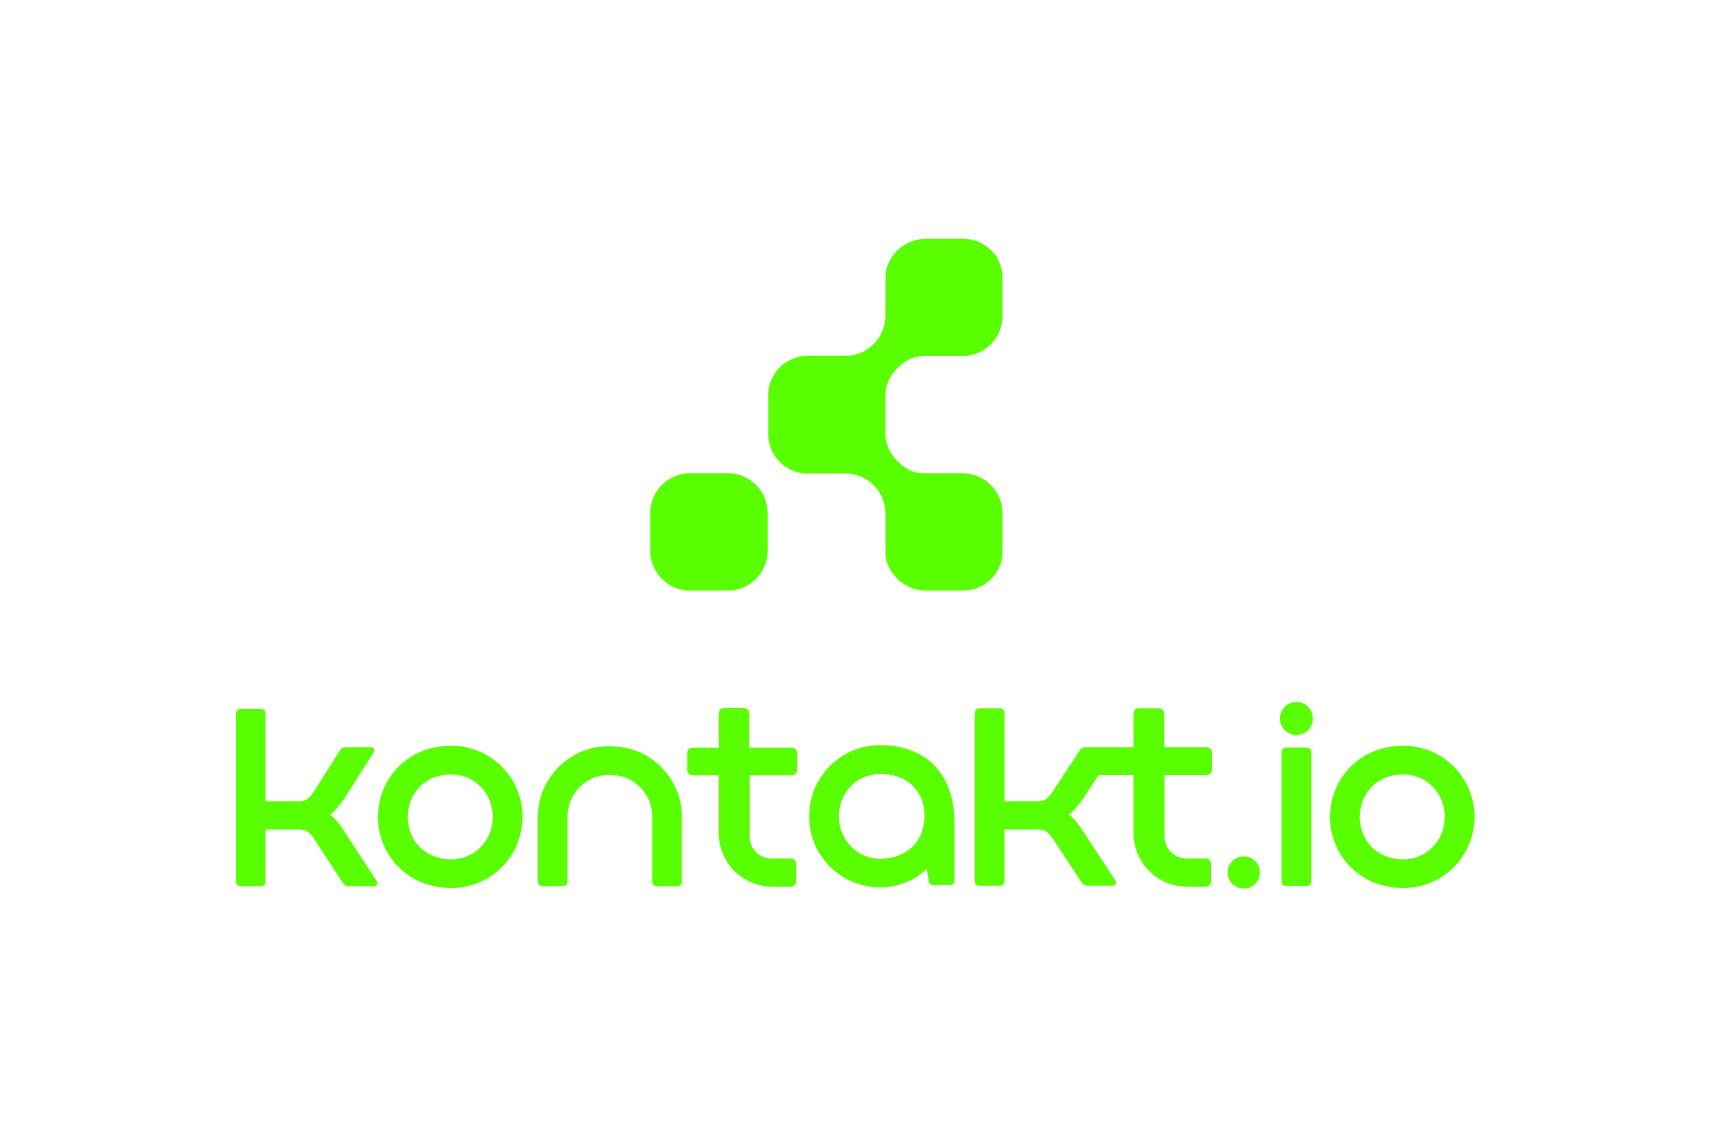 kontaktio_logo